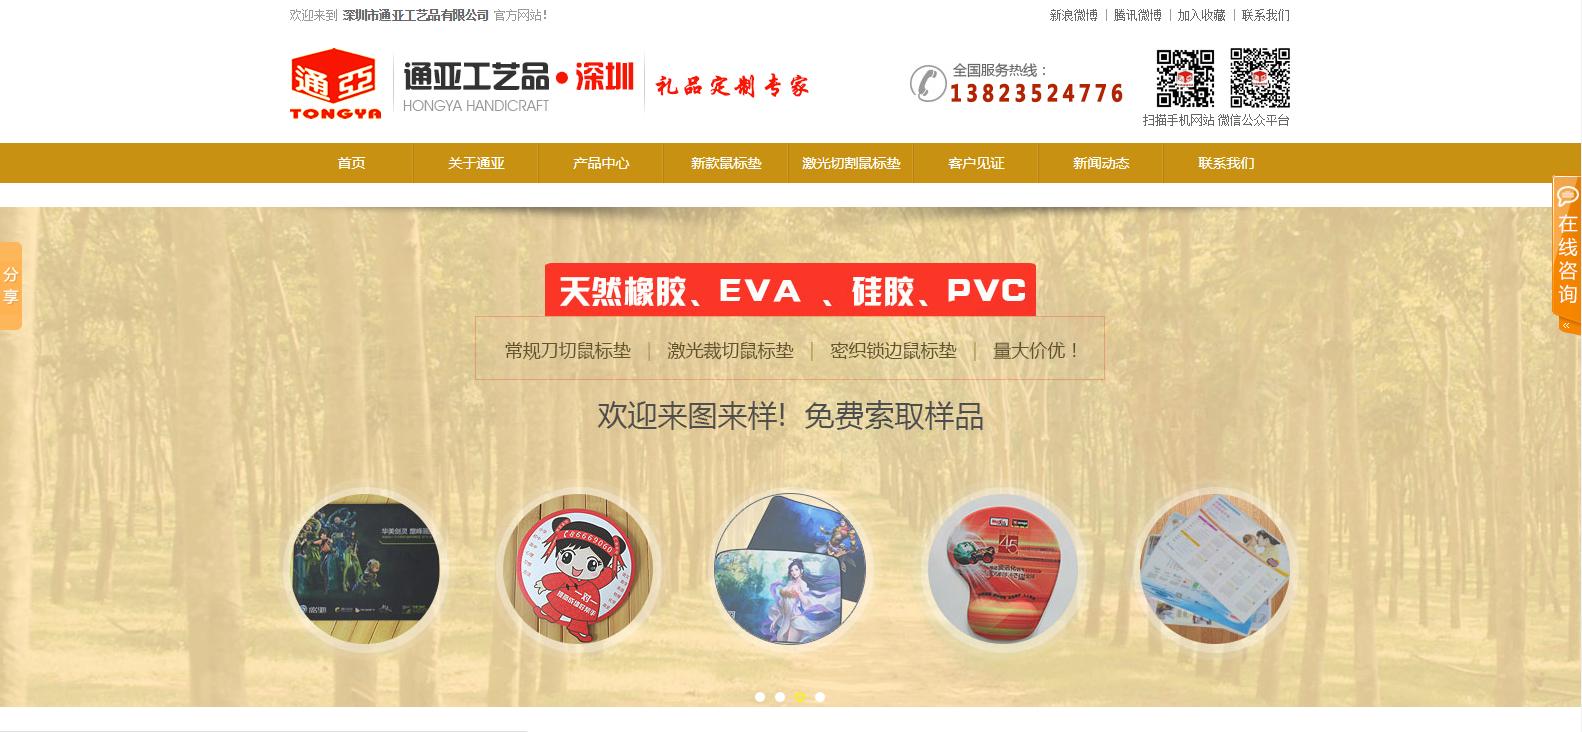 广州礼品定制行业第五人格来源未知的邮件后续案例